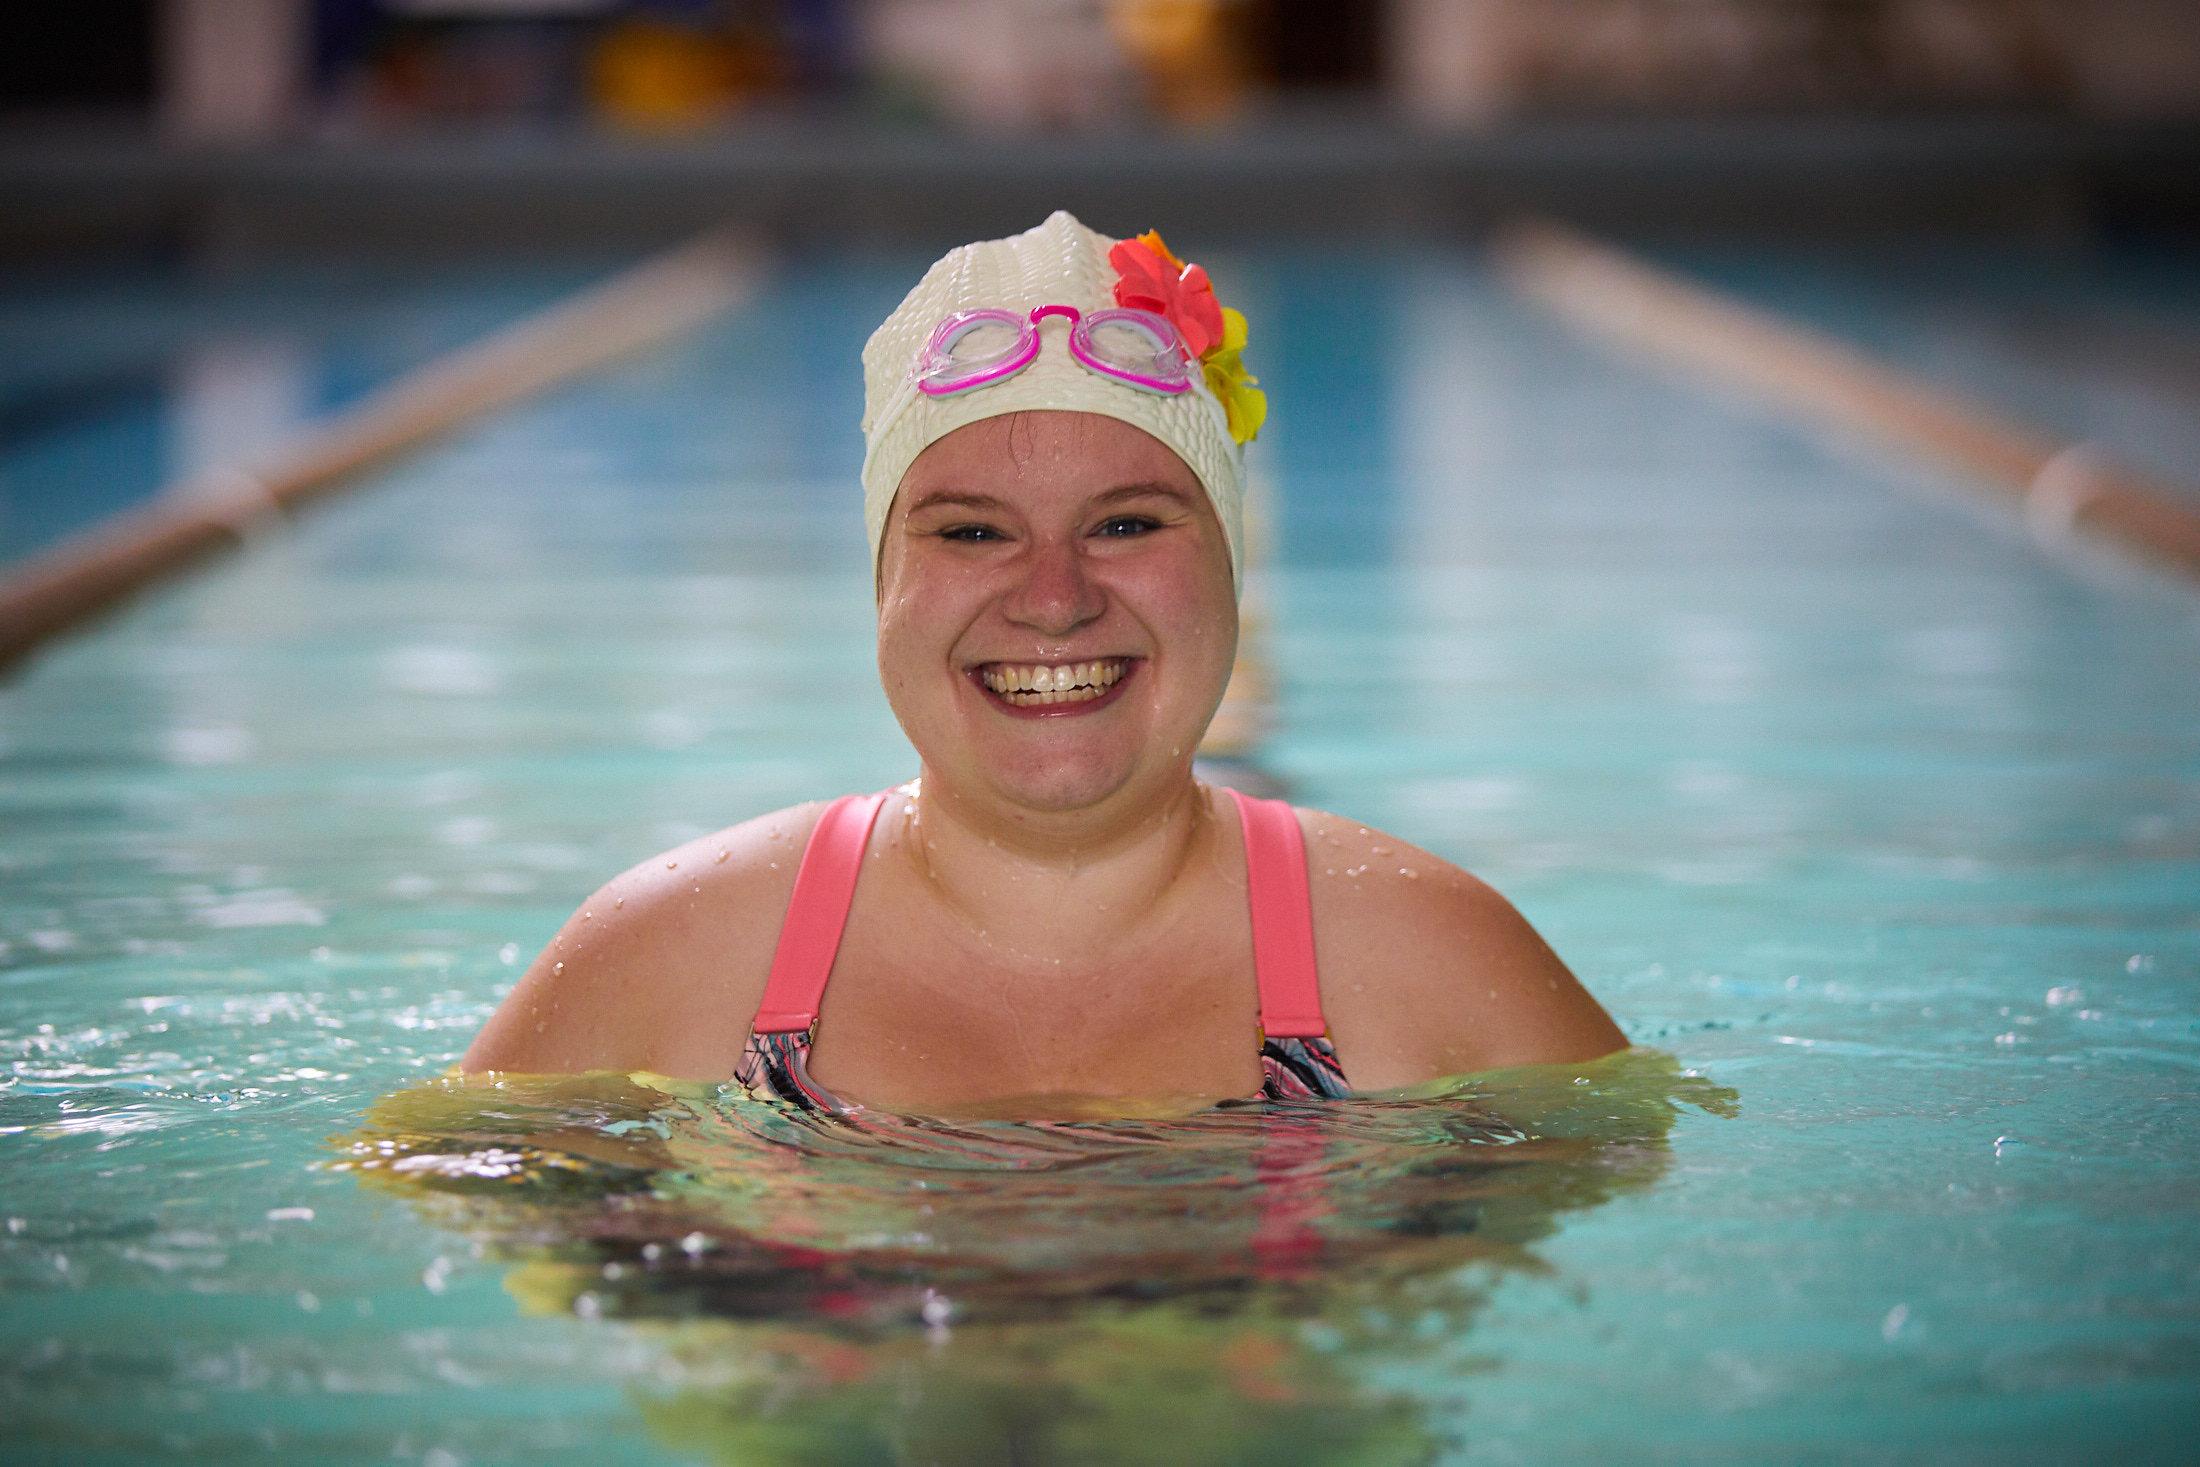 Priority Health Personal Wellness Reasons Rebekah Bundesen in Lane